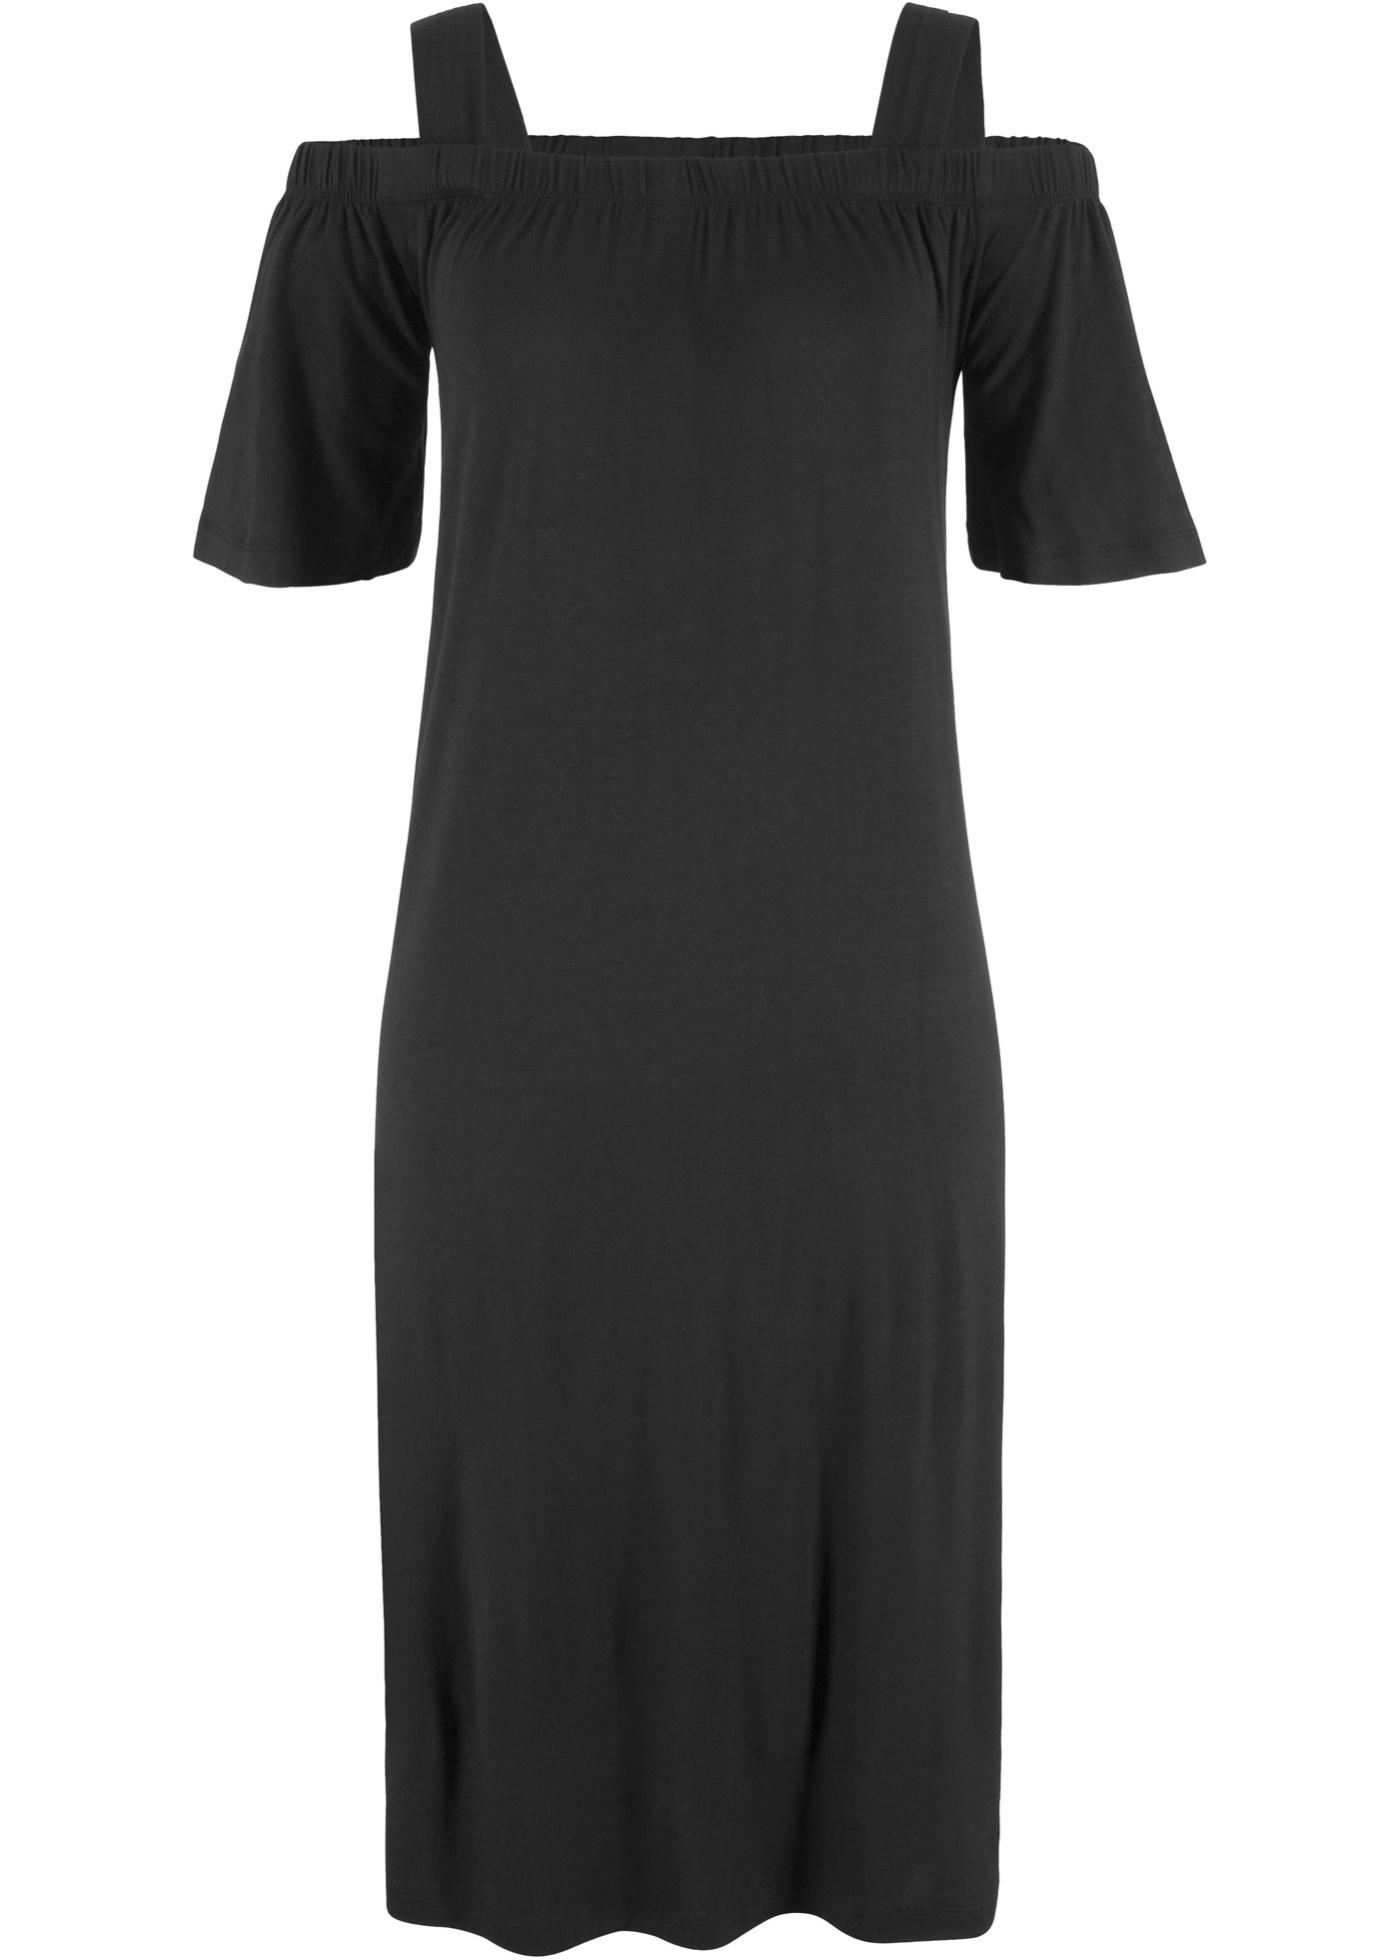 Lässiges Cold-Shoulder-Kleid mit breiten Trägern